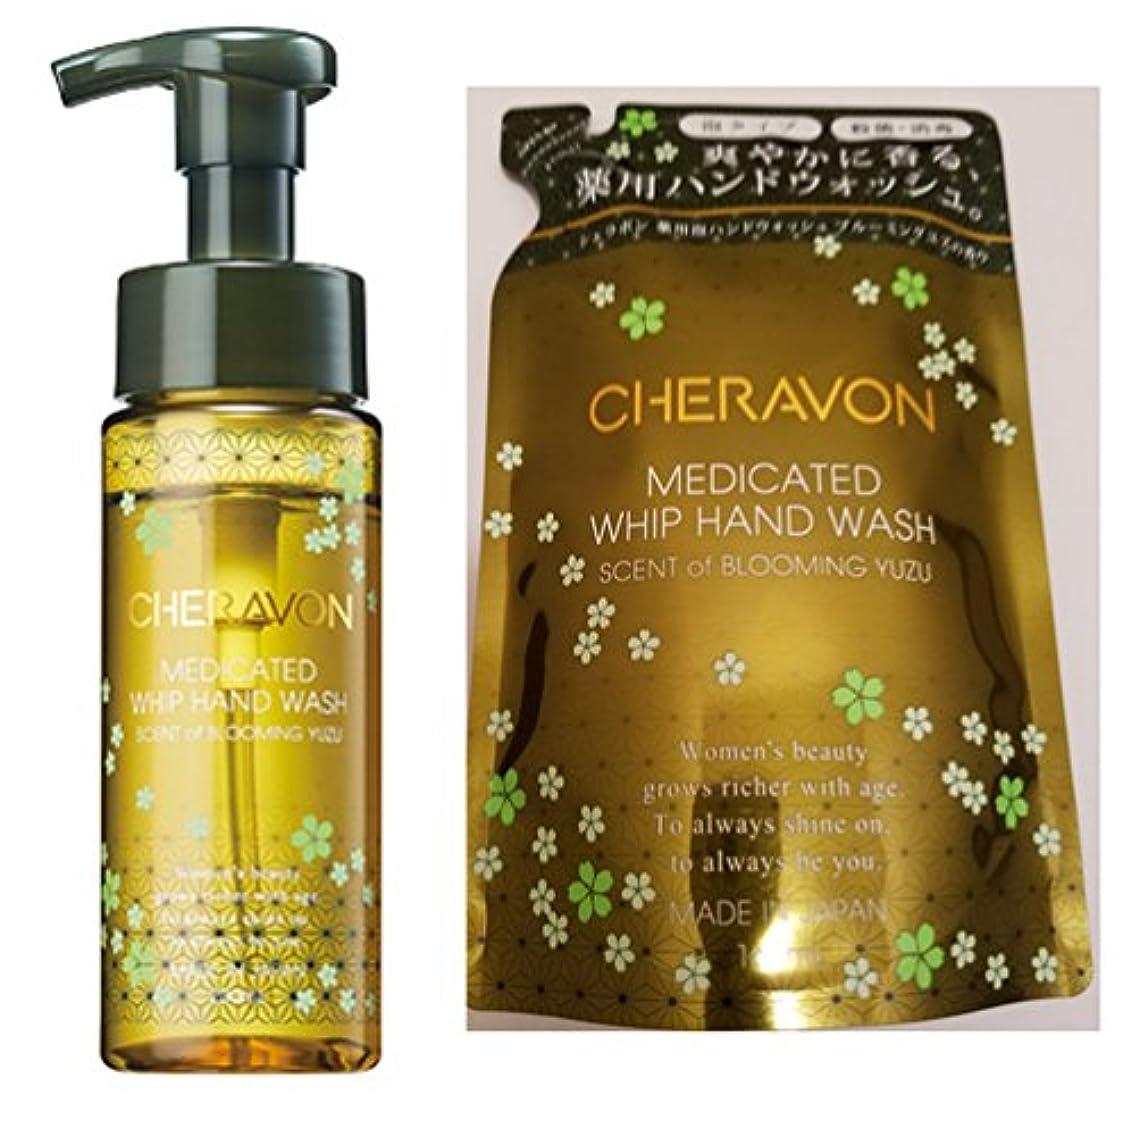 症候群マダムシェルターシェラボン 薬用泡 ハンドウォッシュ ブルーミング ゆずの香り セット(本体+レフィル お得な限定セット) CHERAVON